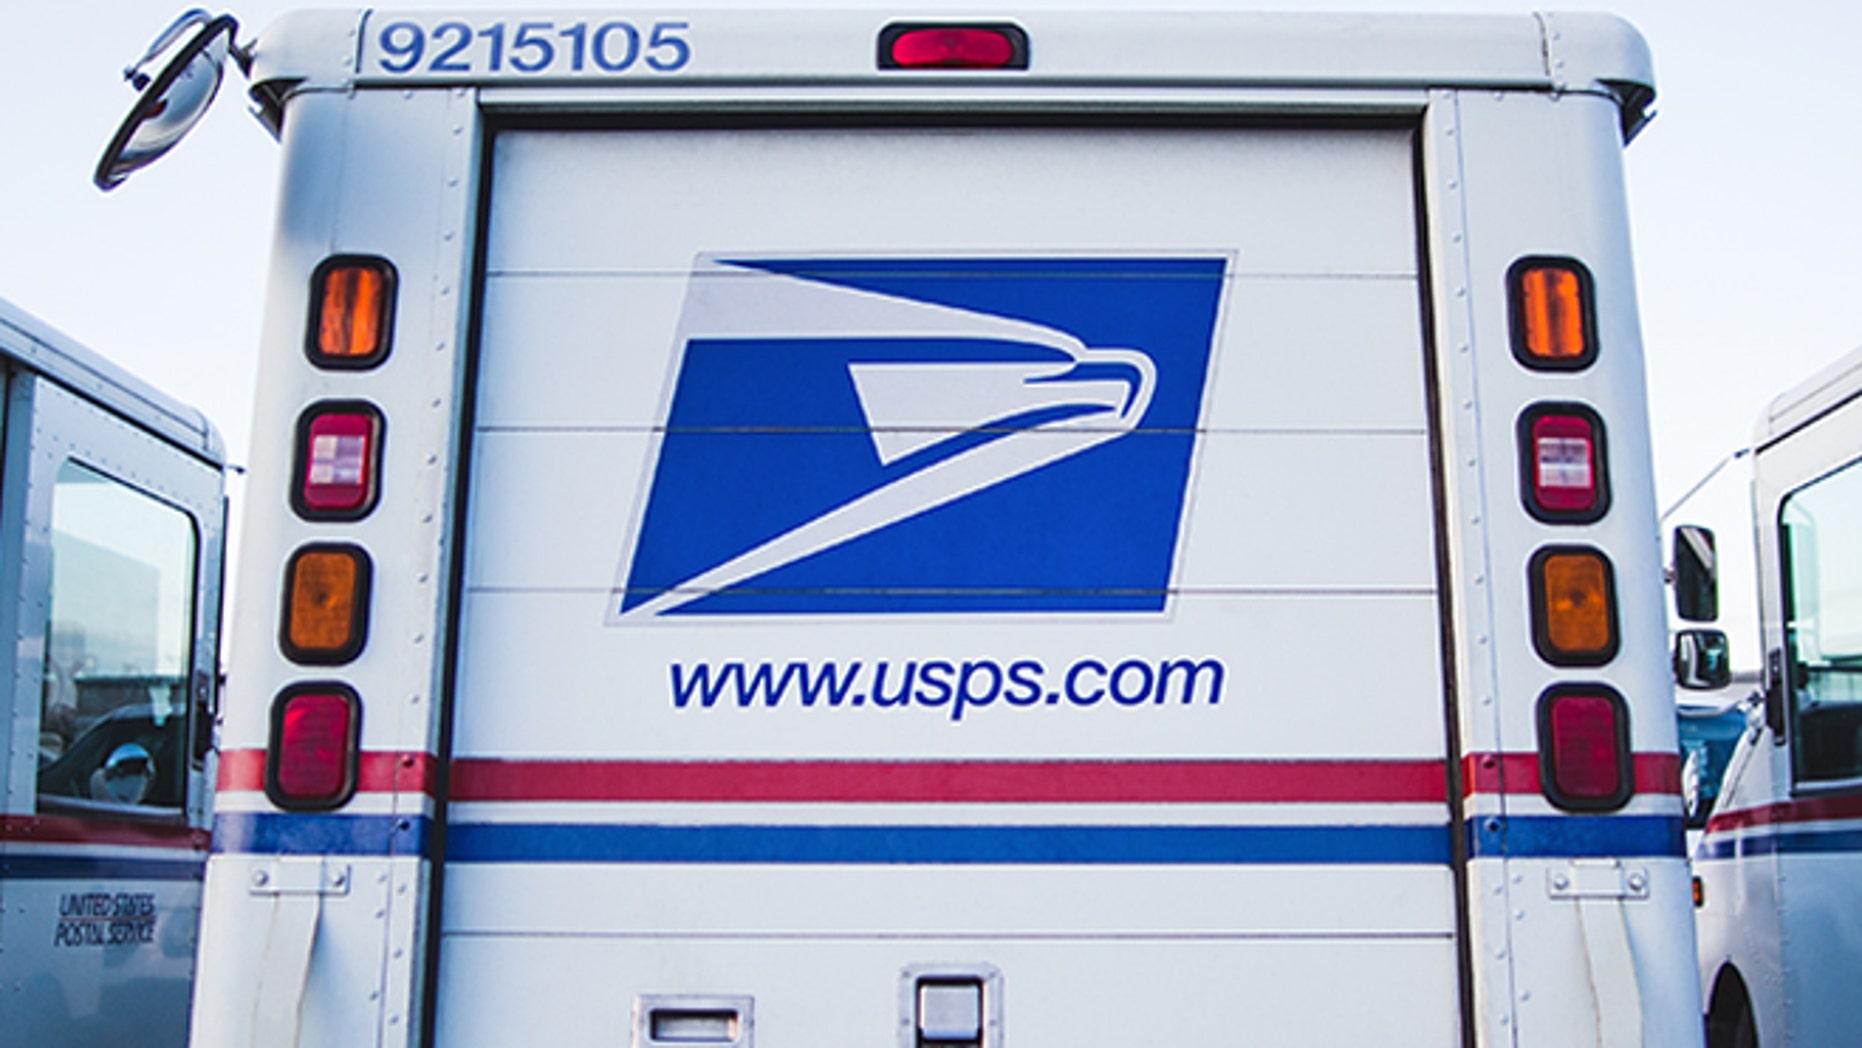 (U.S. Postal Service)